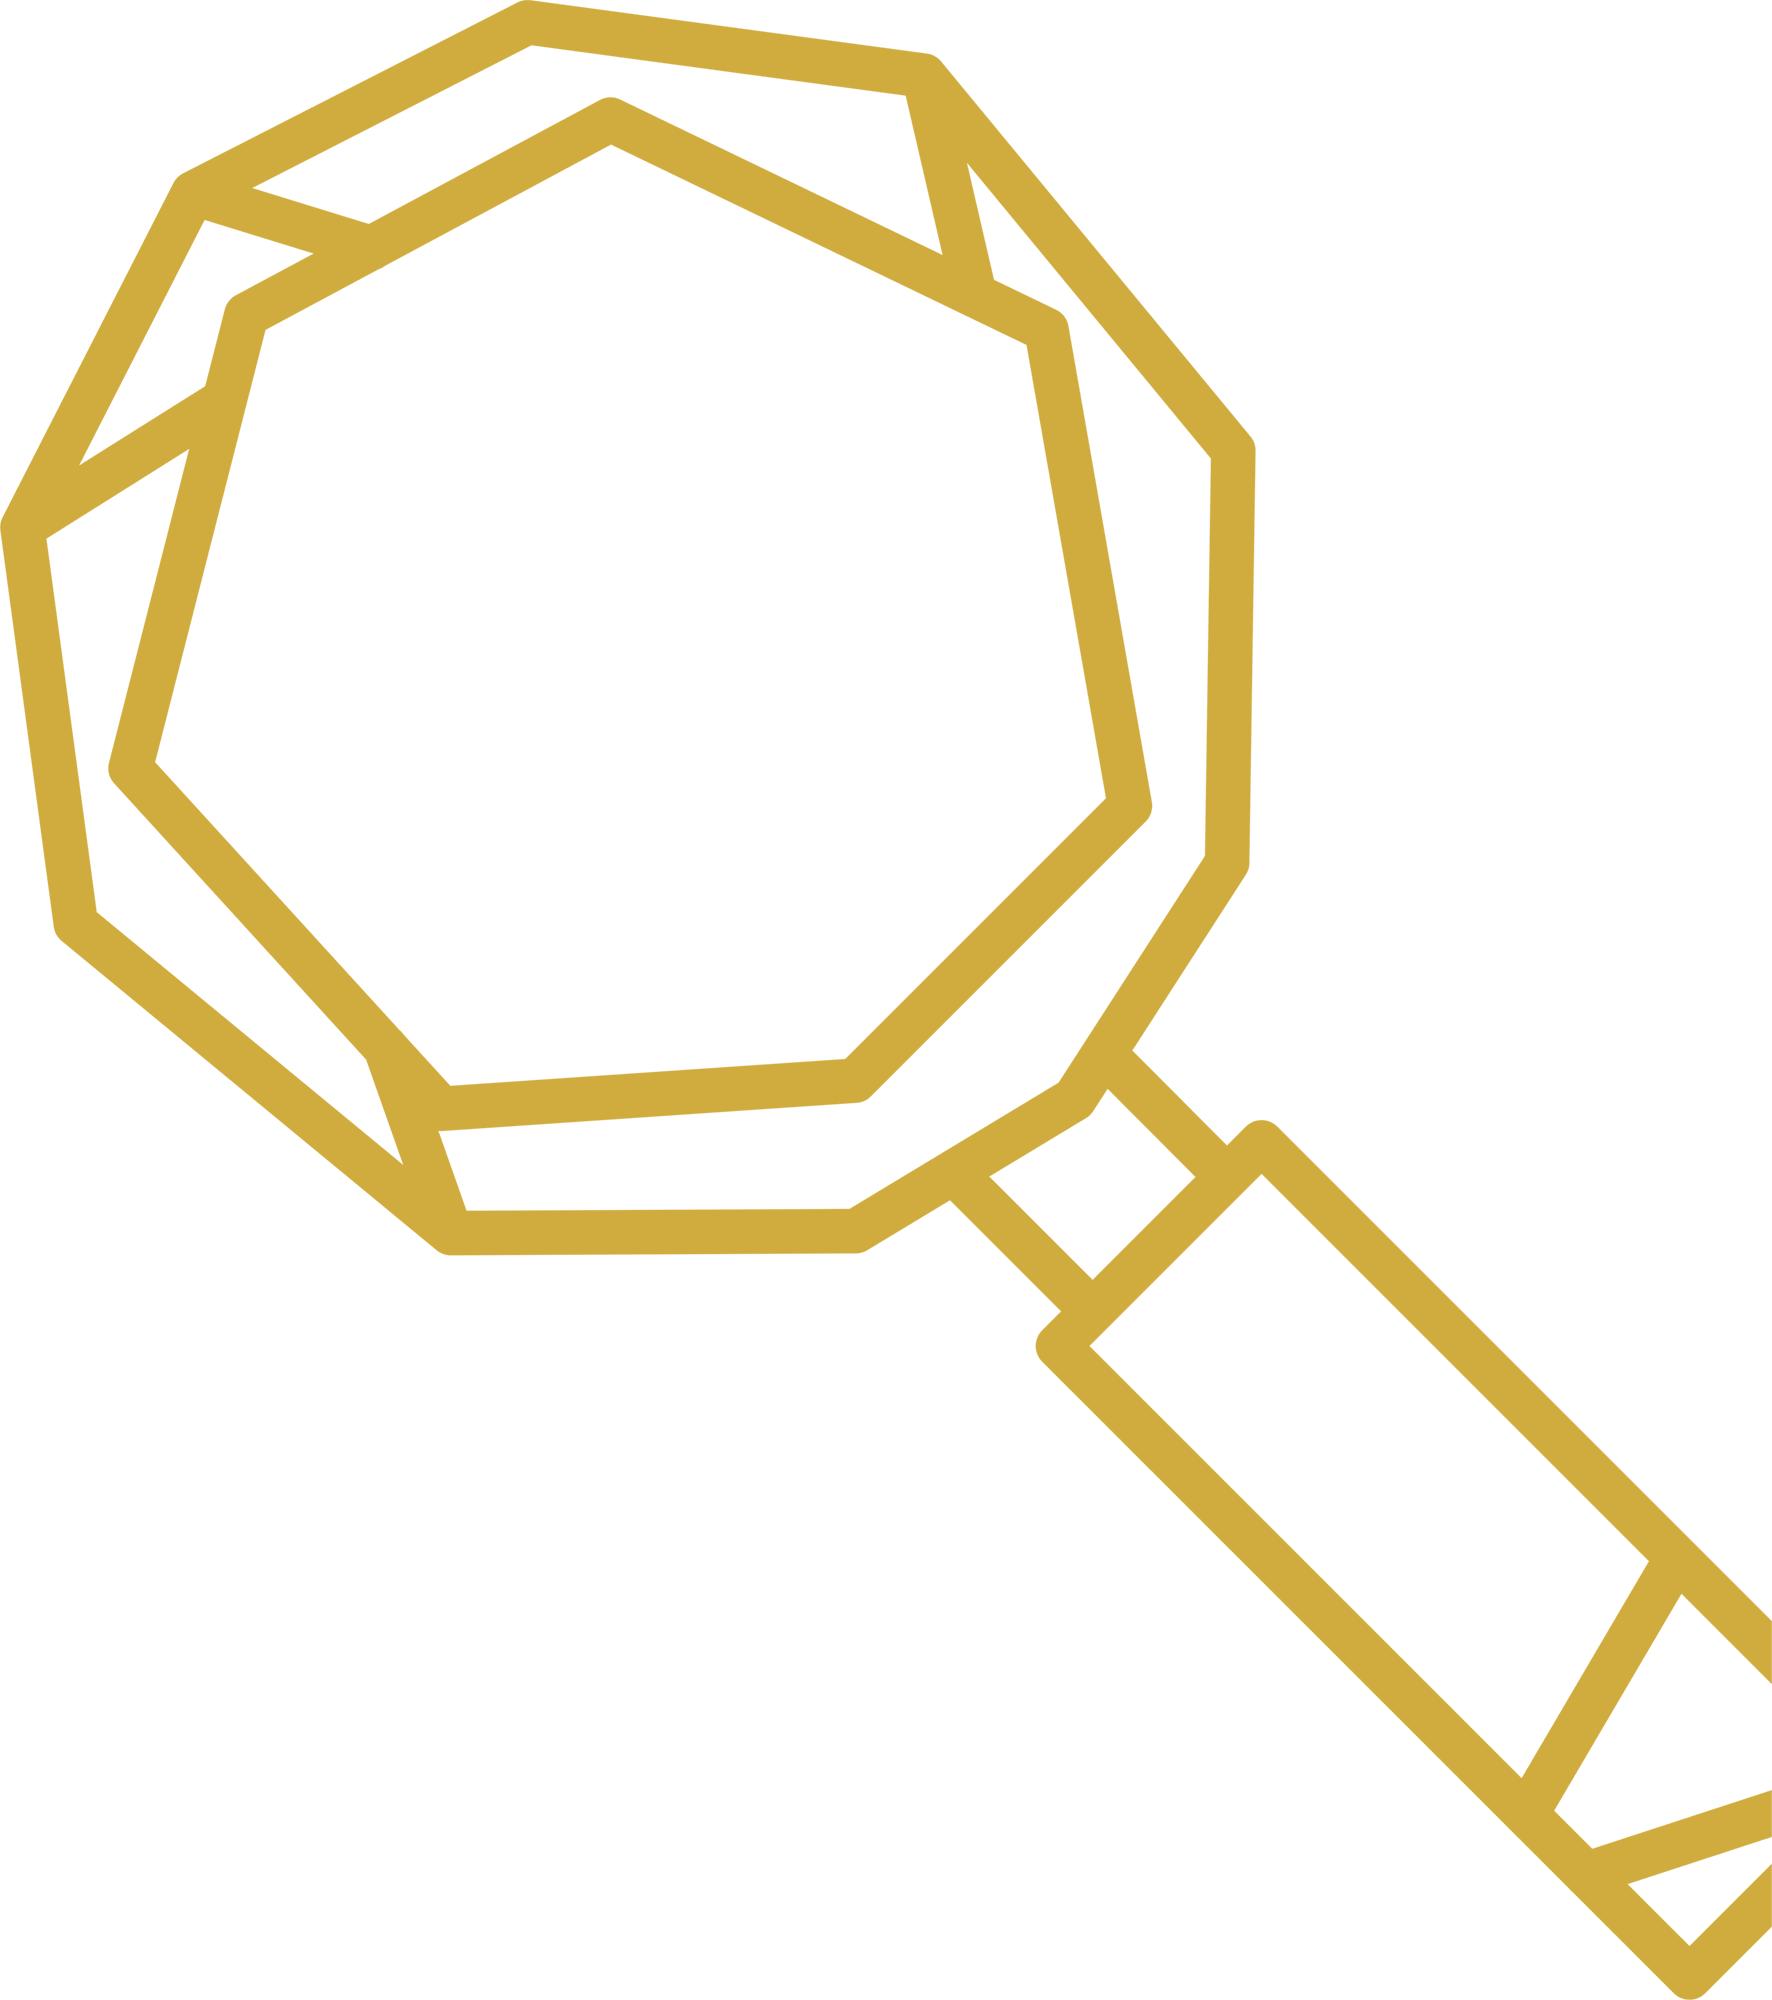 Mercati-icona-gialla